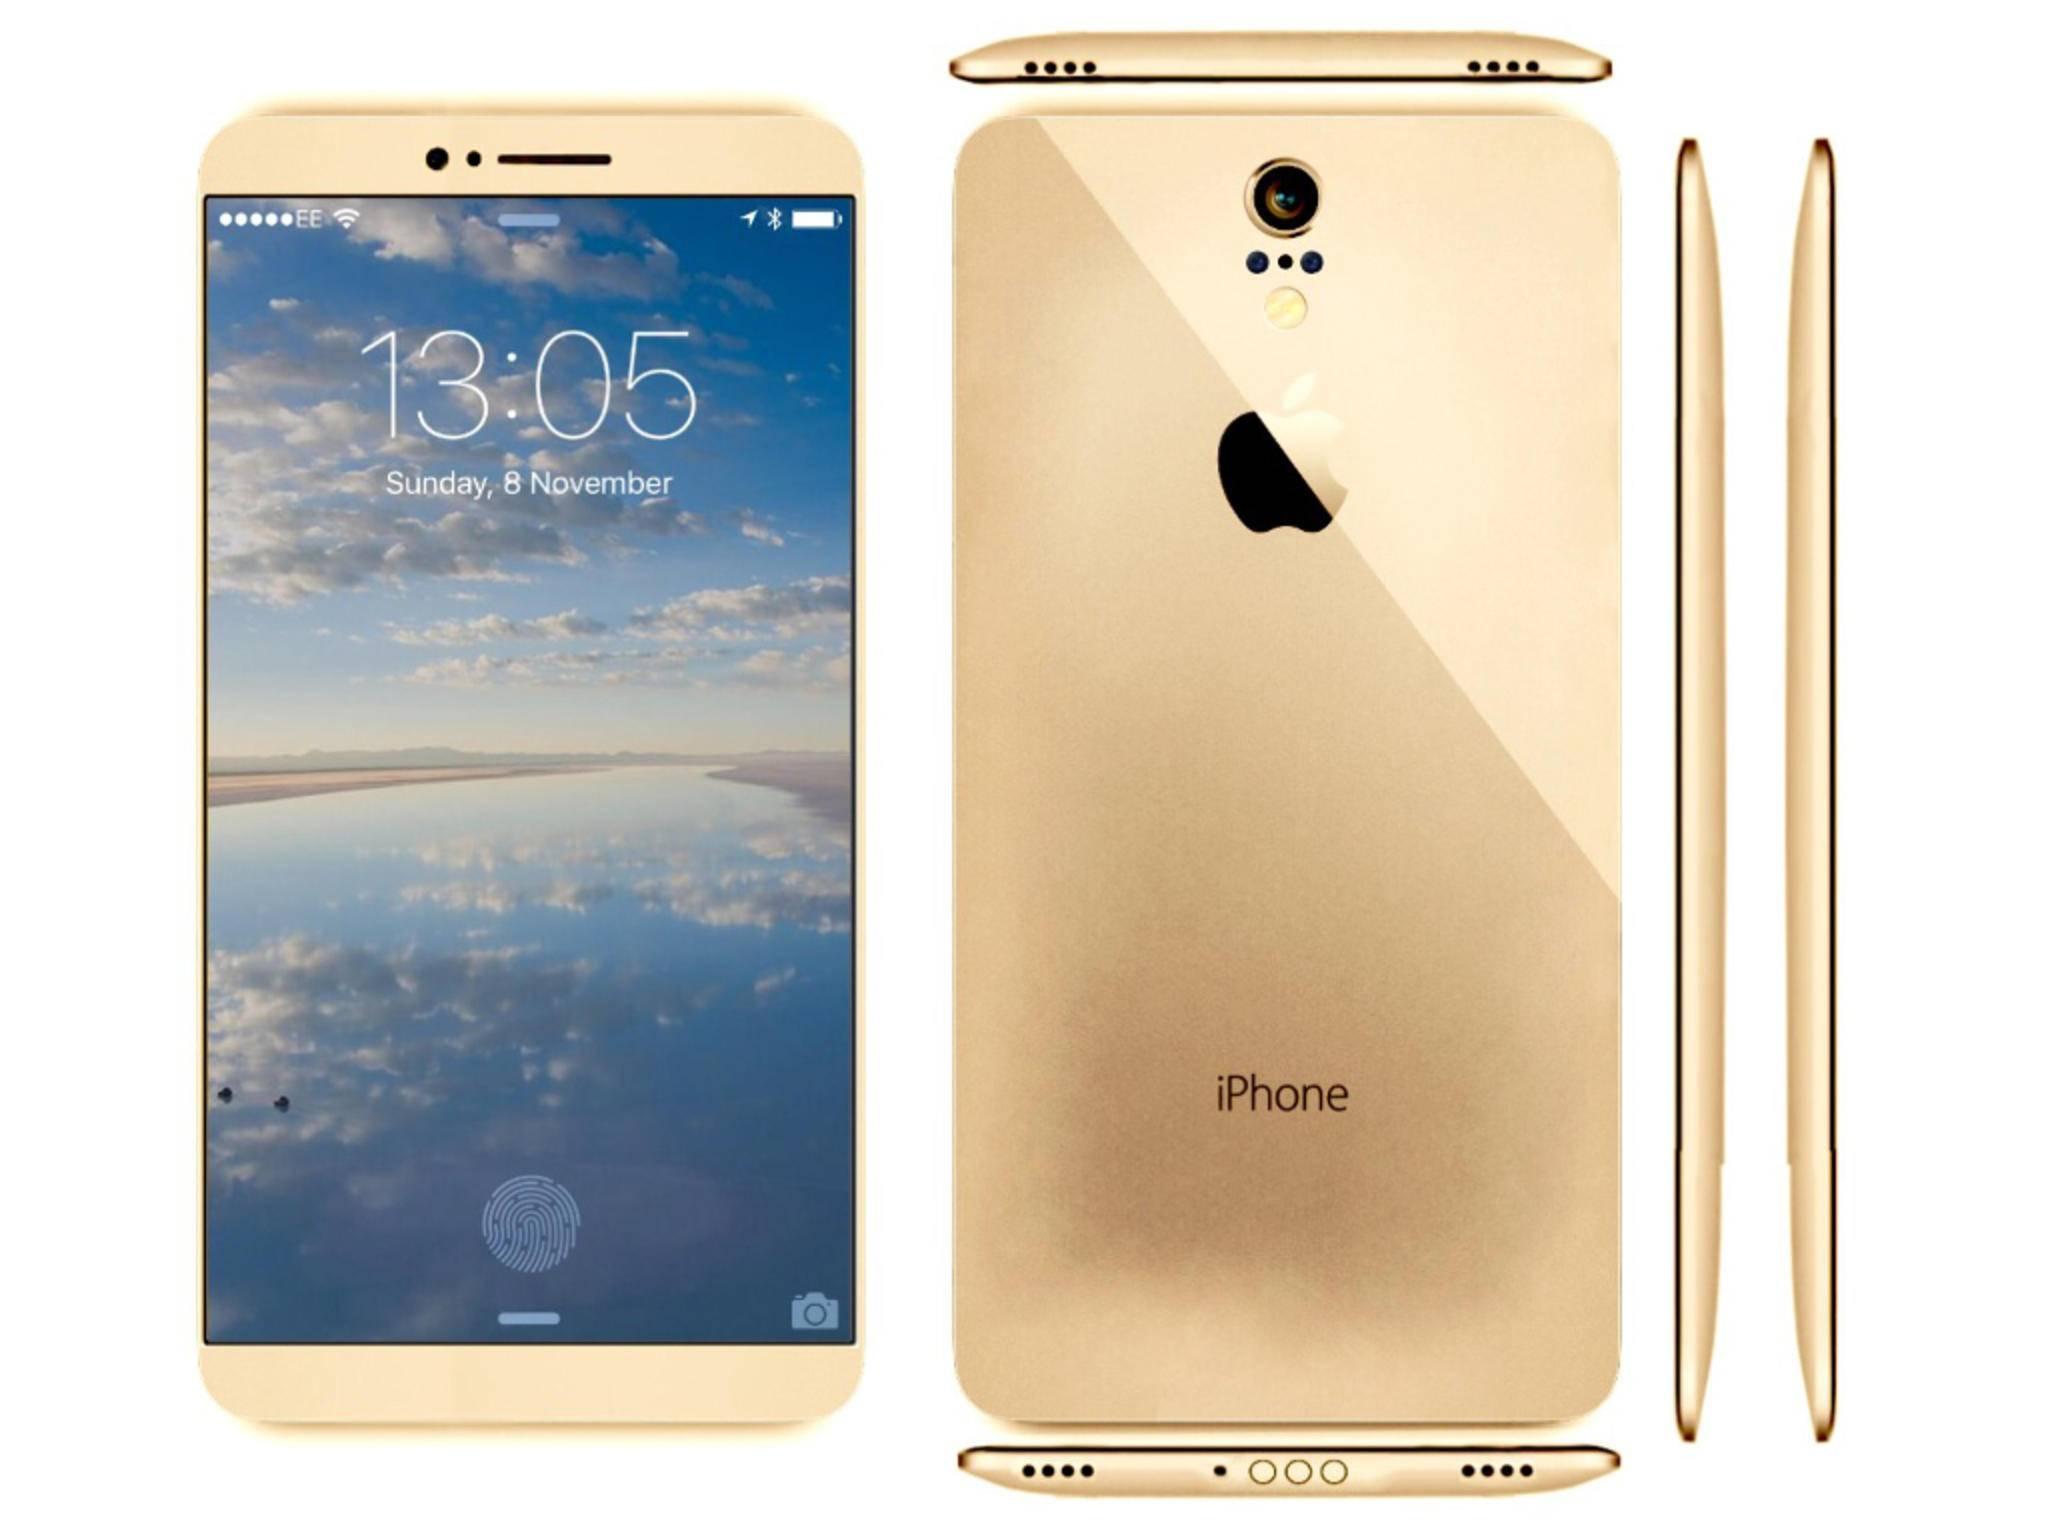 Zum iPhone 7 kursieren schon jetzt sehr viele Konzepte.